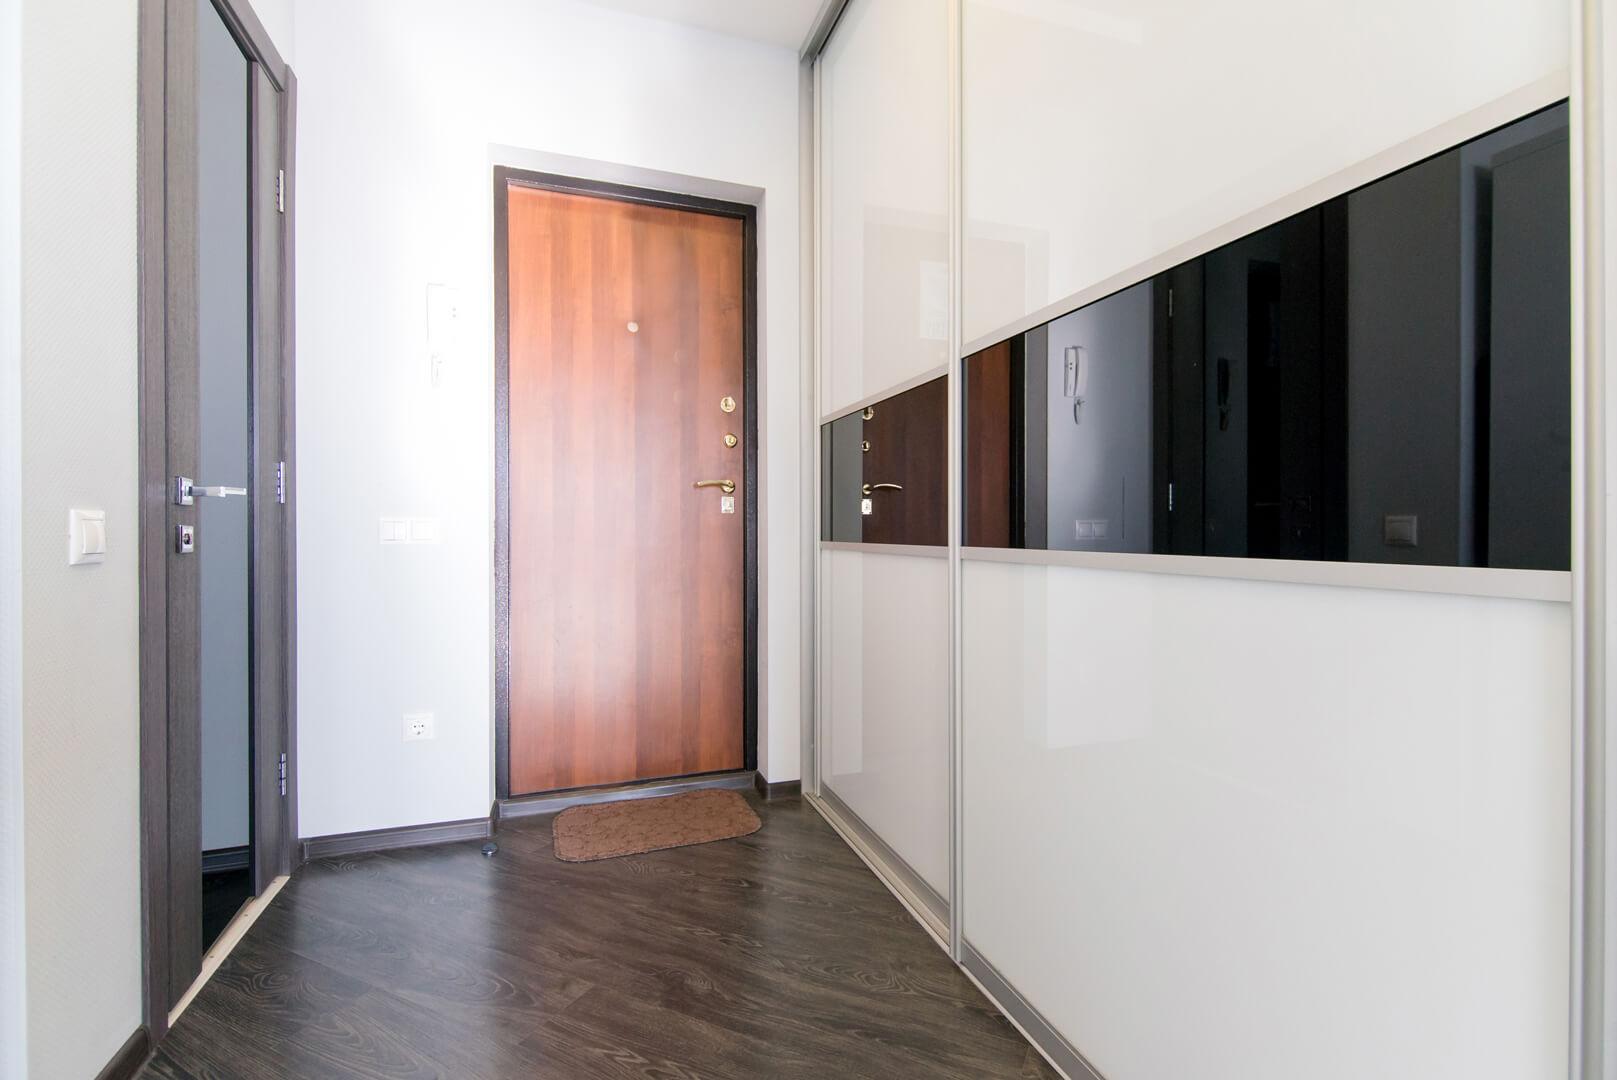 Szafa na wymiar z szklanymi biało czarnymi drzwiami przesuwnymi w przedpokoju